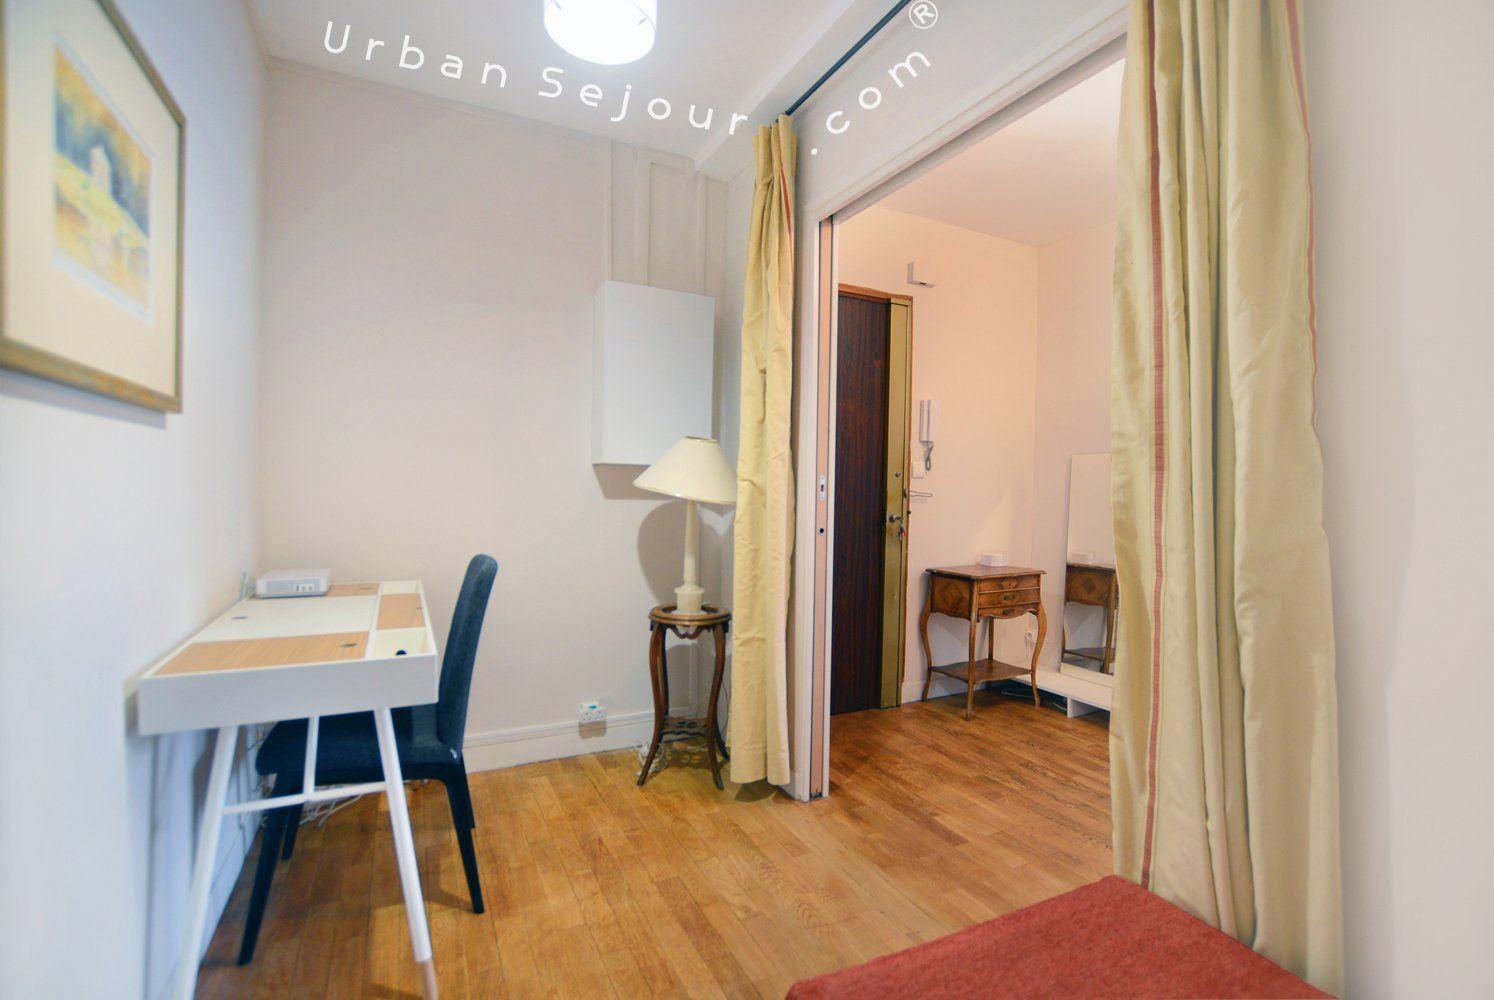 location appartement meubl avec 2 chambres bureau ou